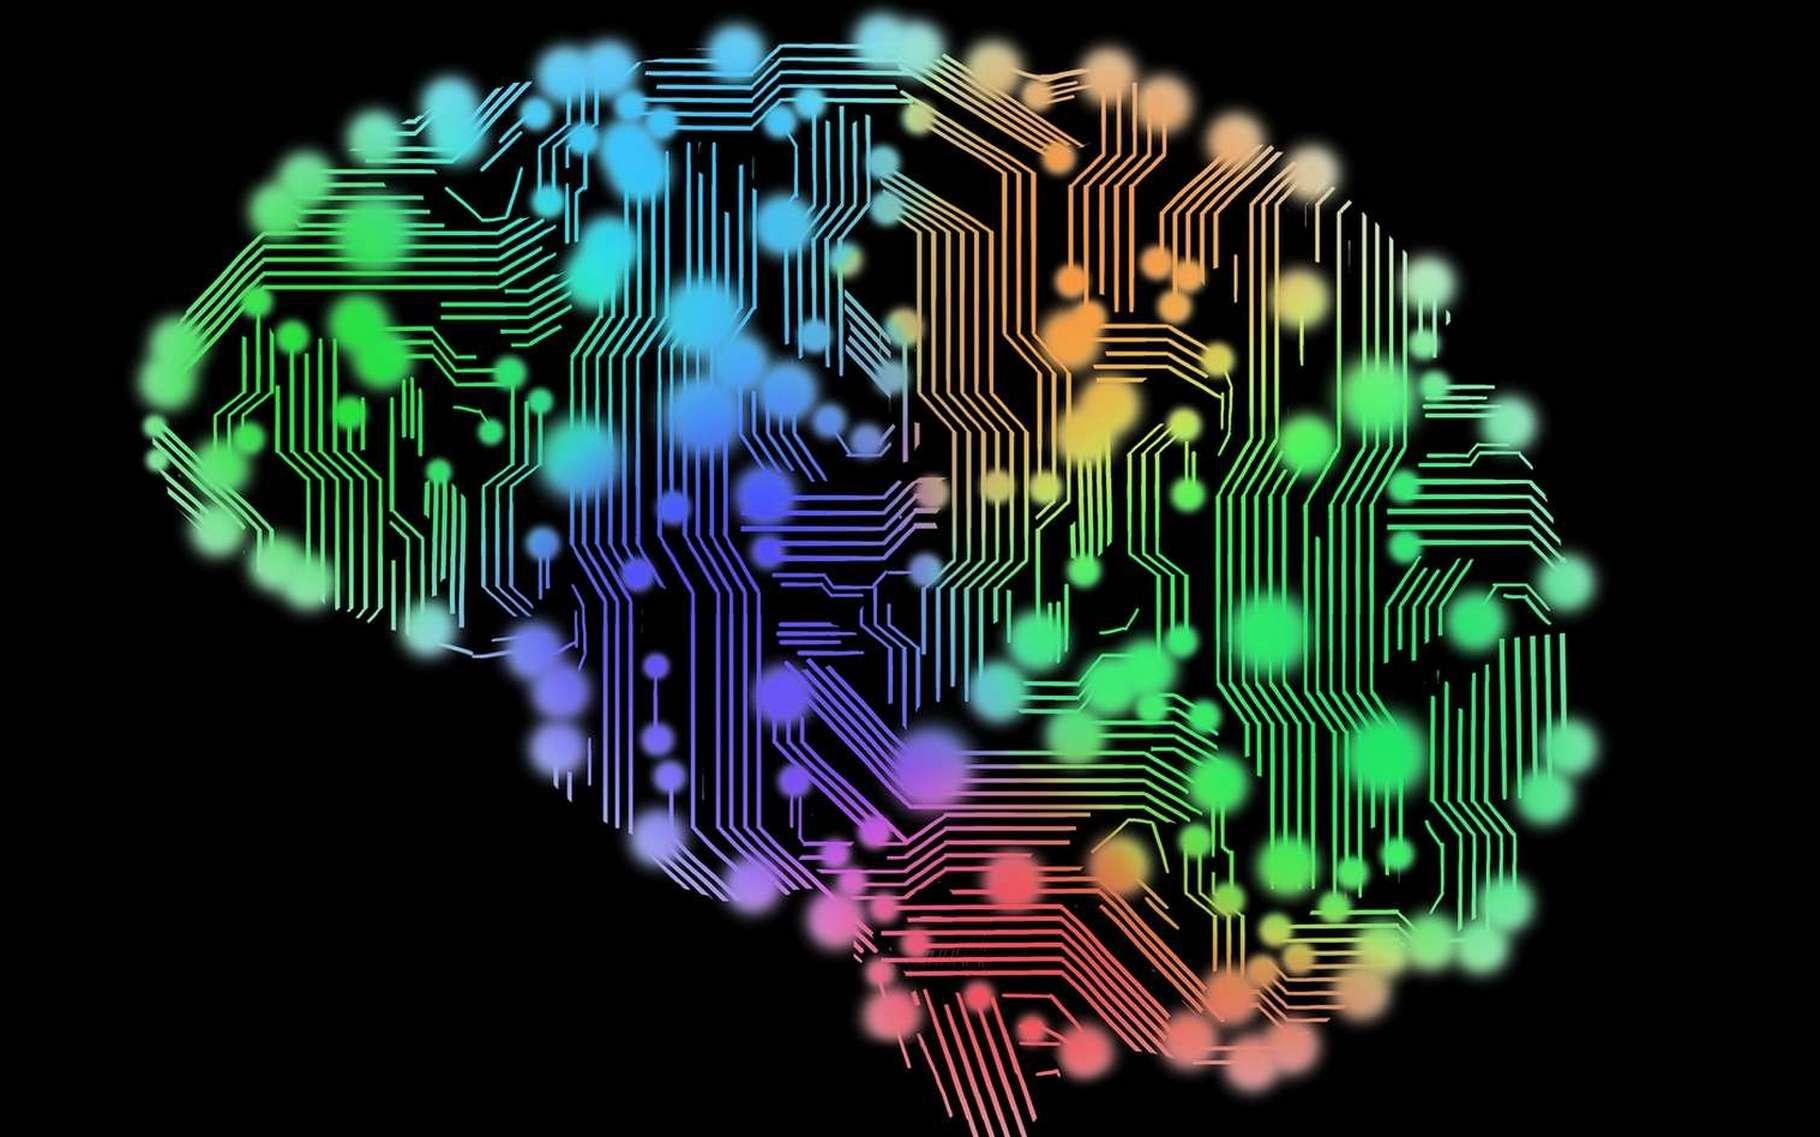 Un minicerveau artificiel aussi rapide que le cerveau humain. © Peshkova, Fotolia